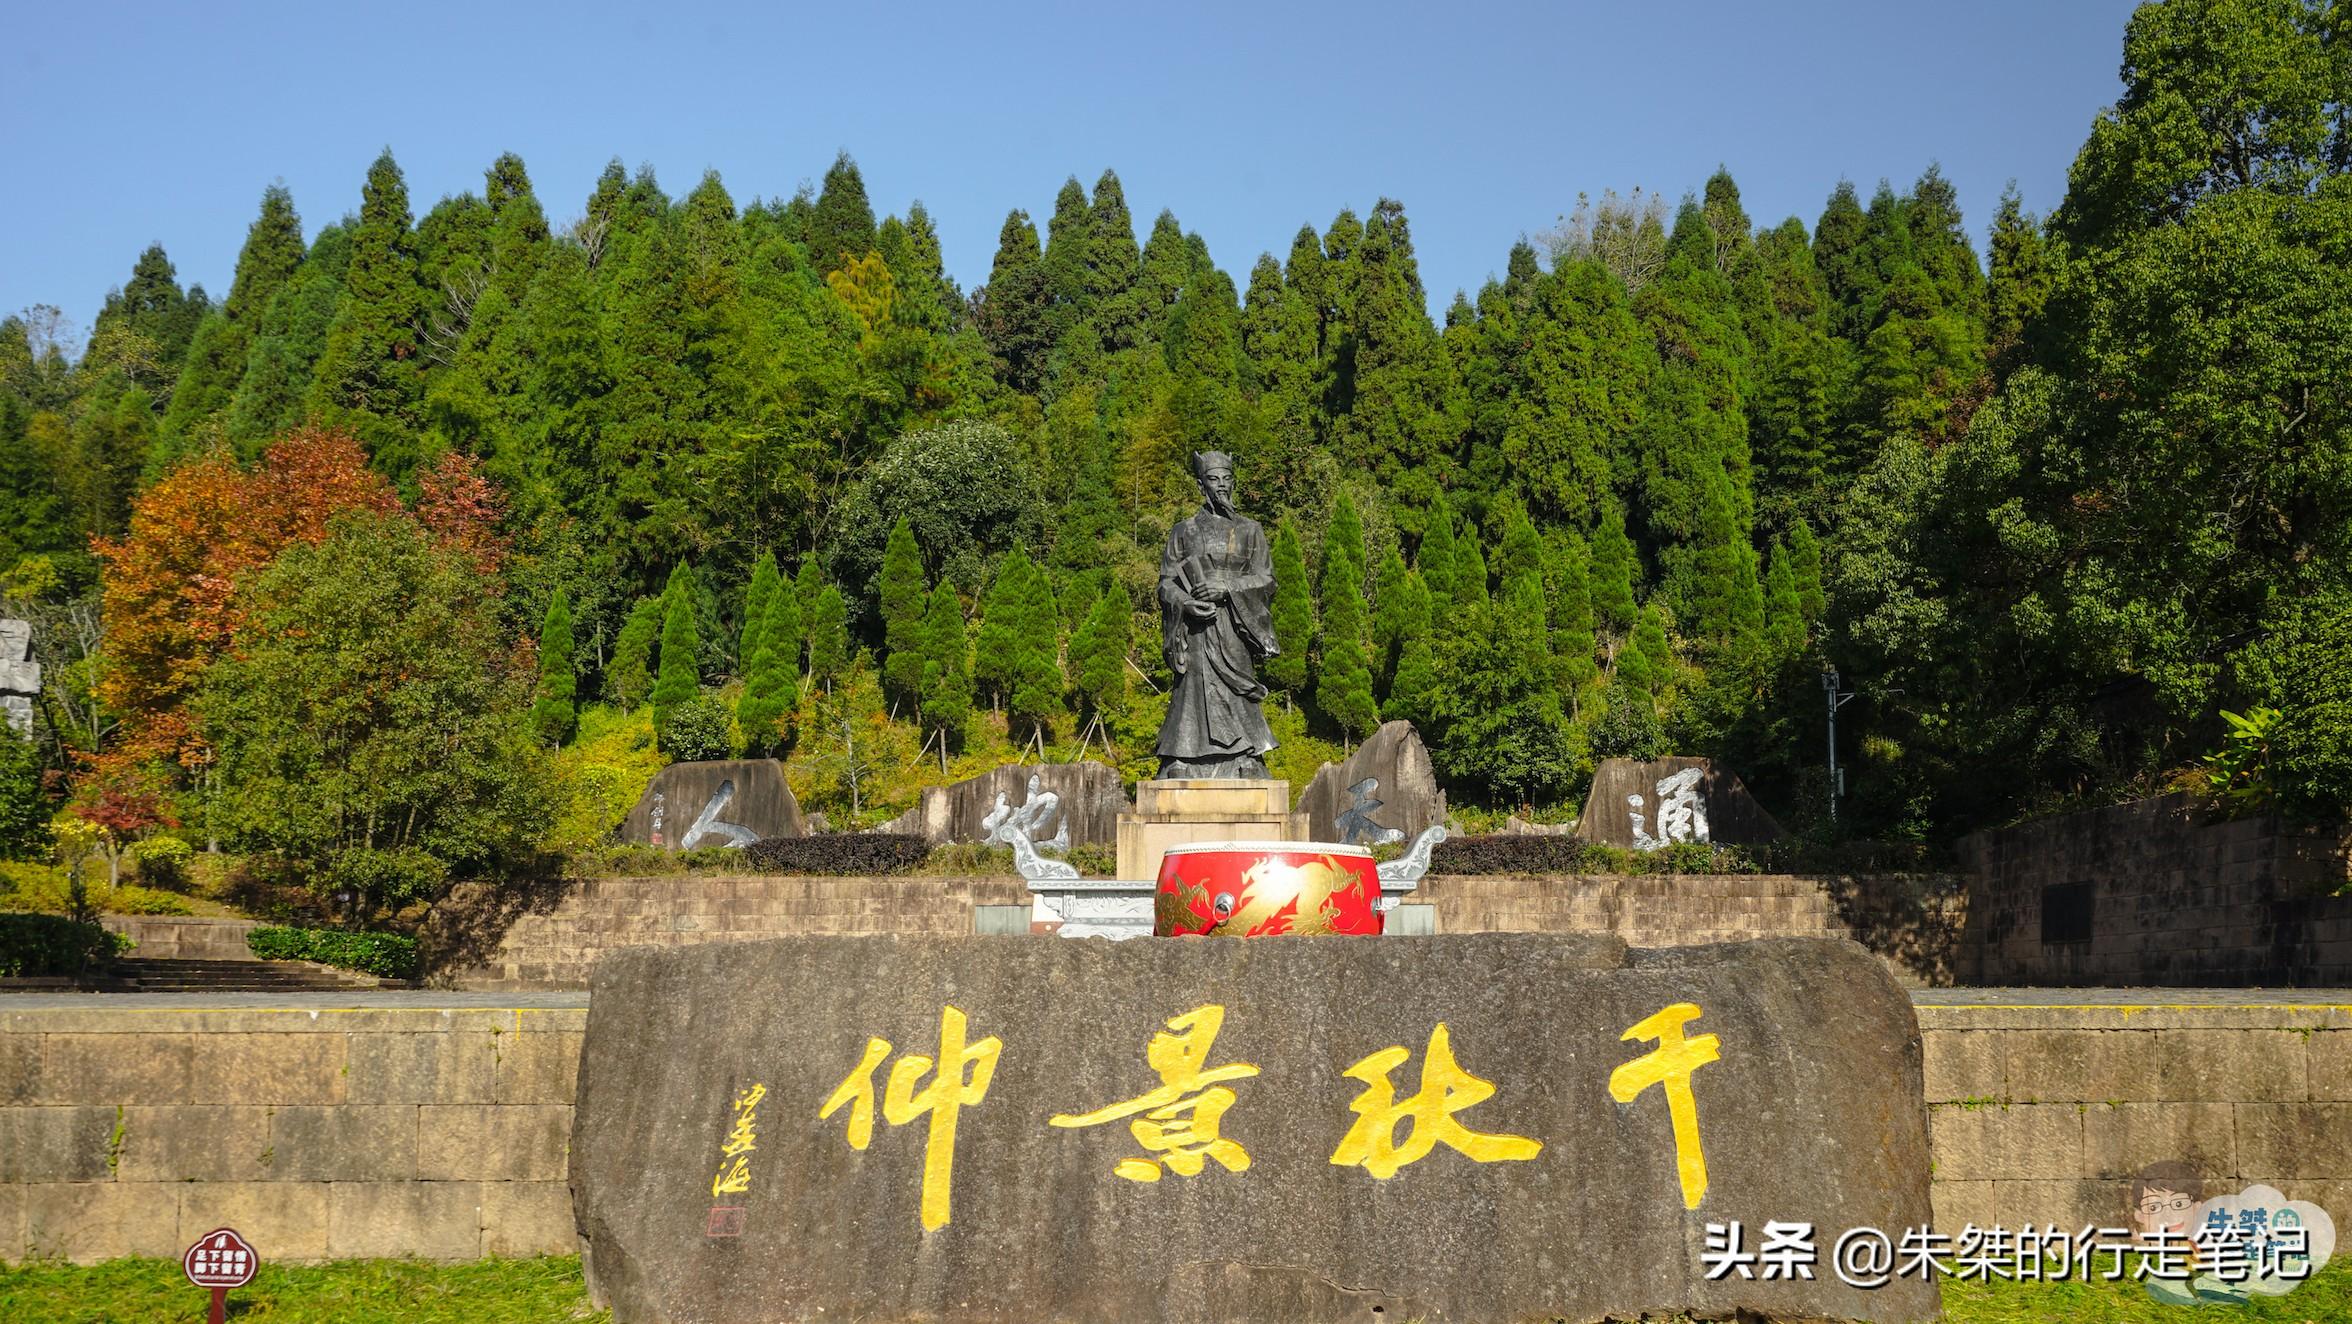 走进刘伯温故里景区,探寻这位大明王朝第一谋臣生活过的点点滴滴